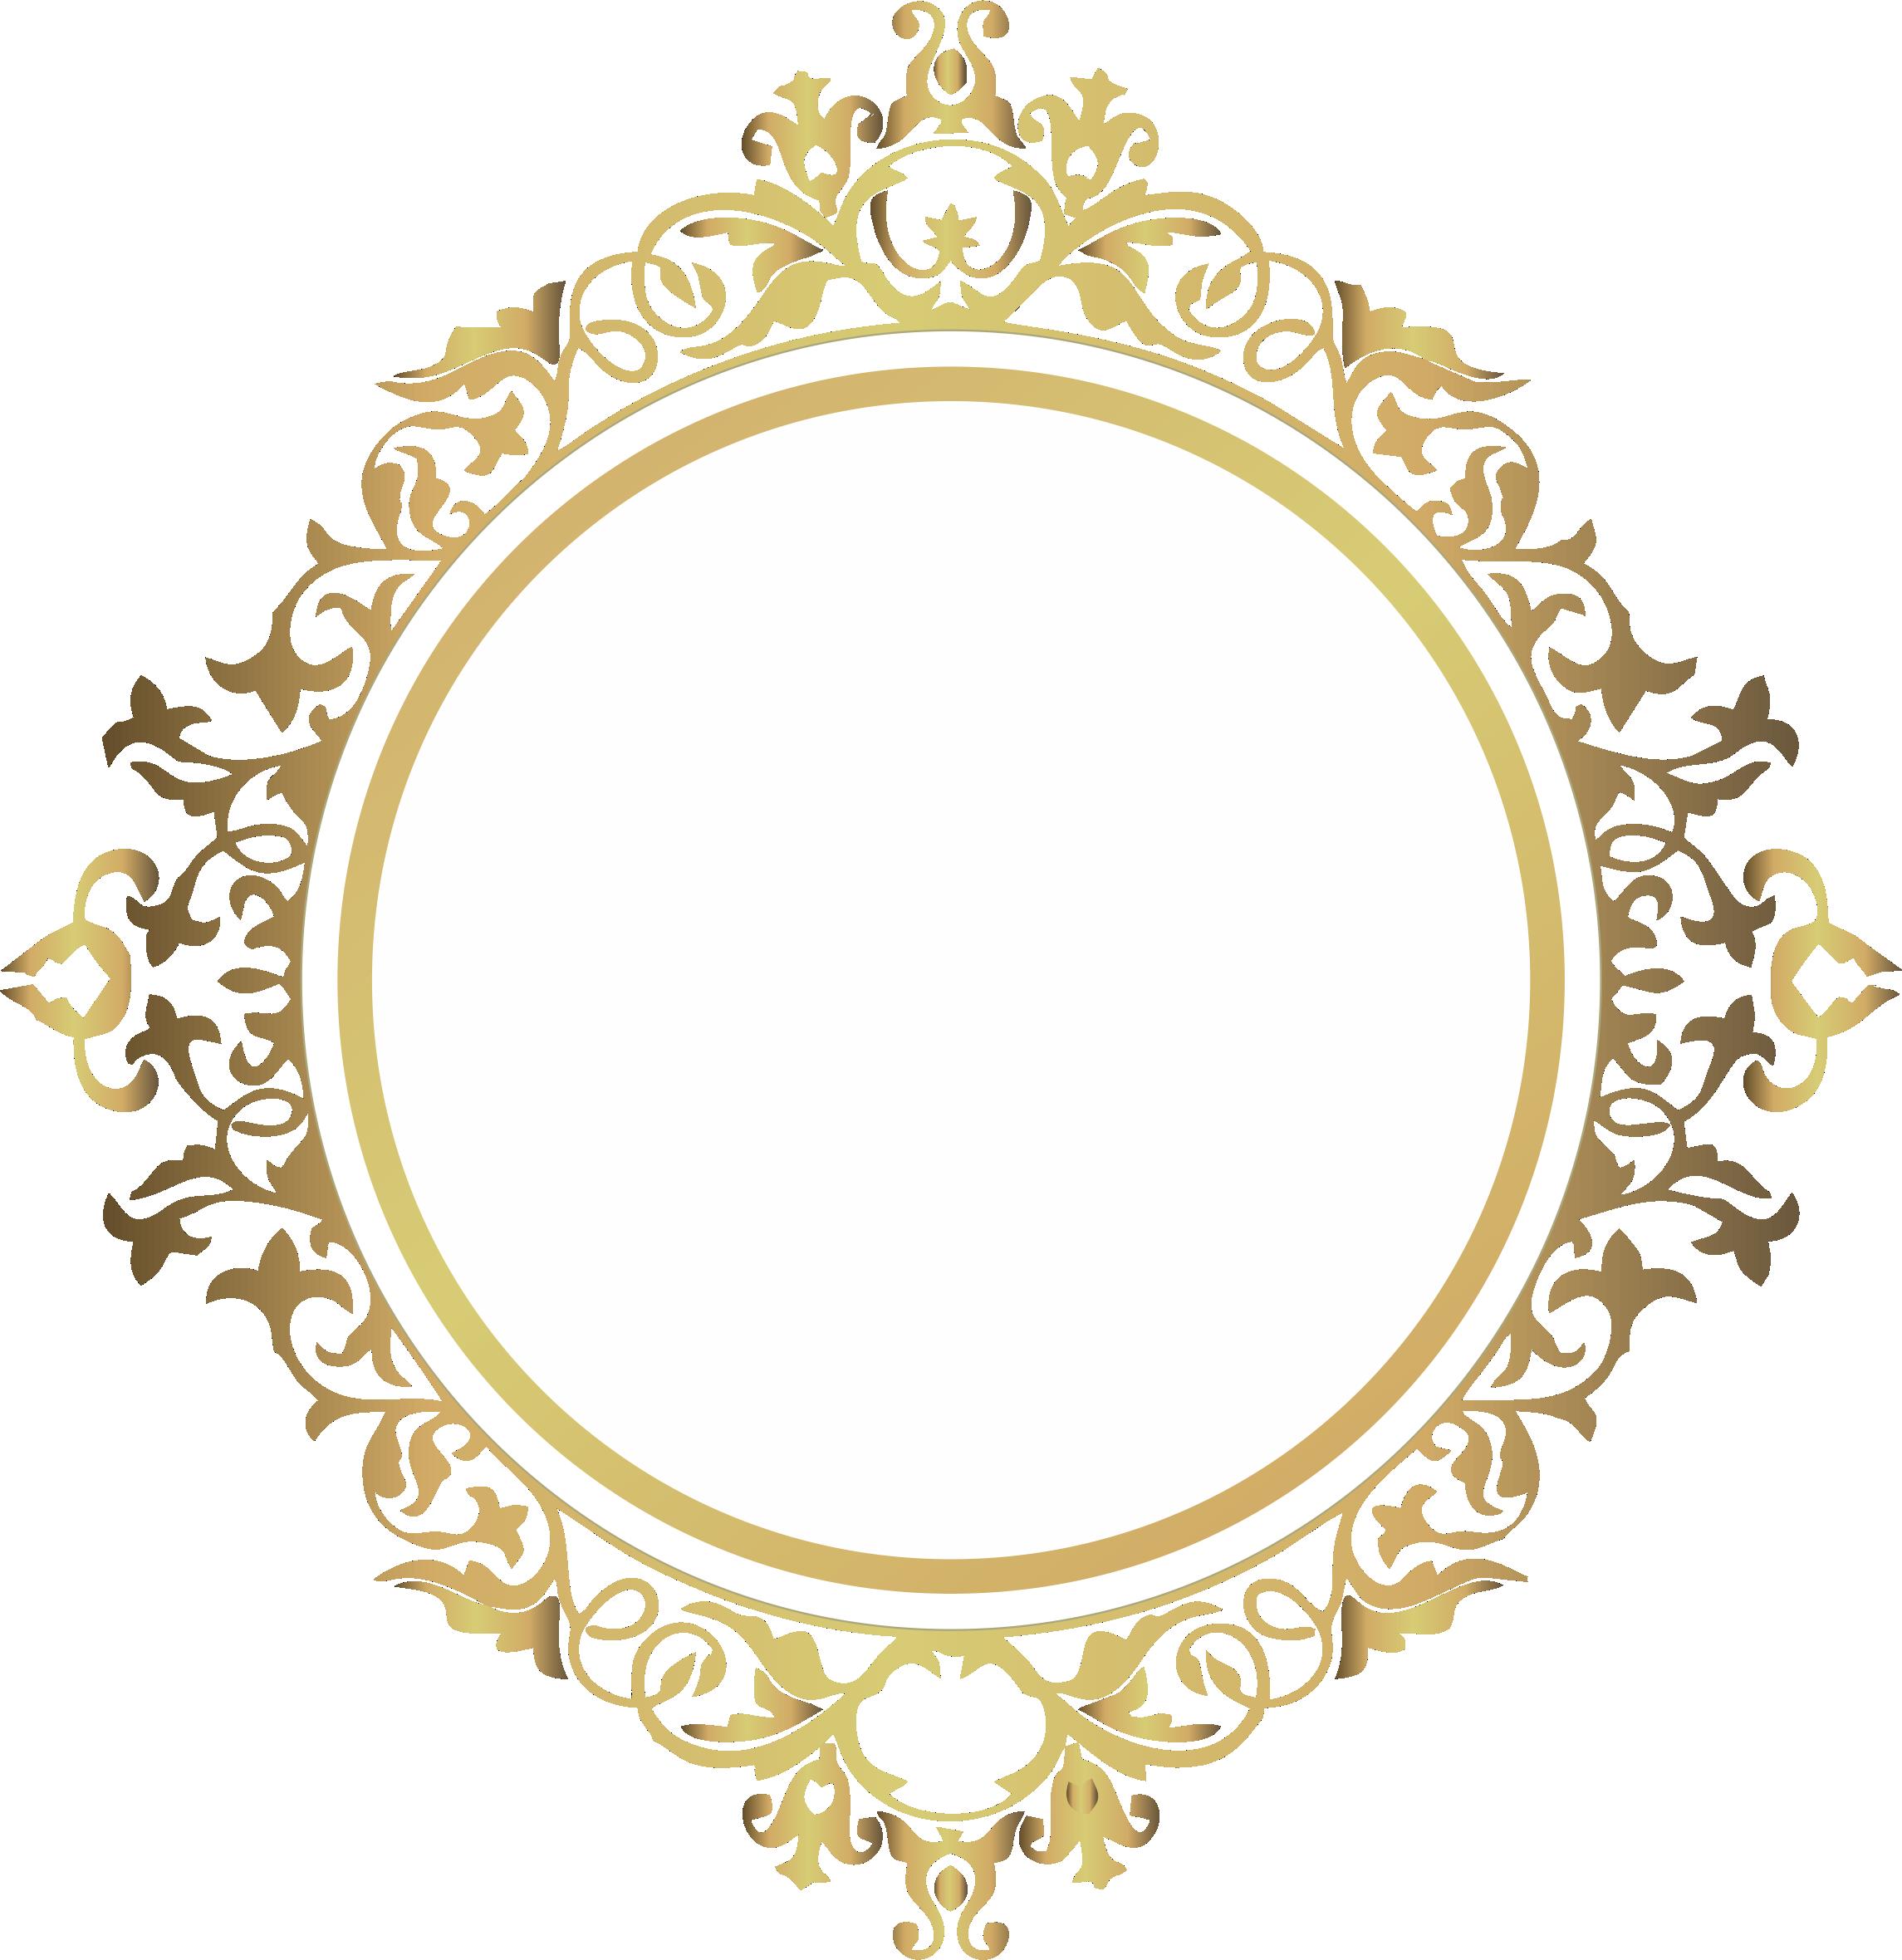 Pin De Ricardo Nunez Em Frames Brasao Casamento Monograma Casamento Arabesco Dourado Png